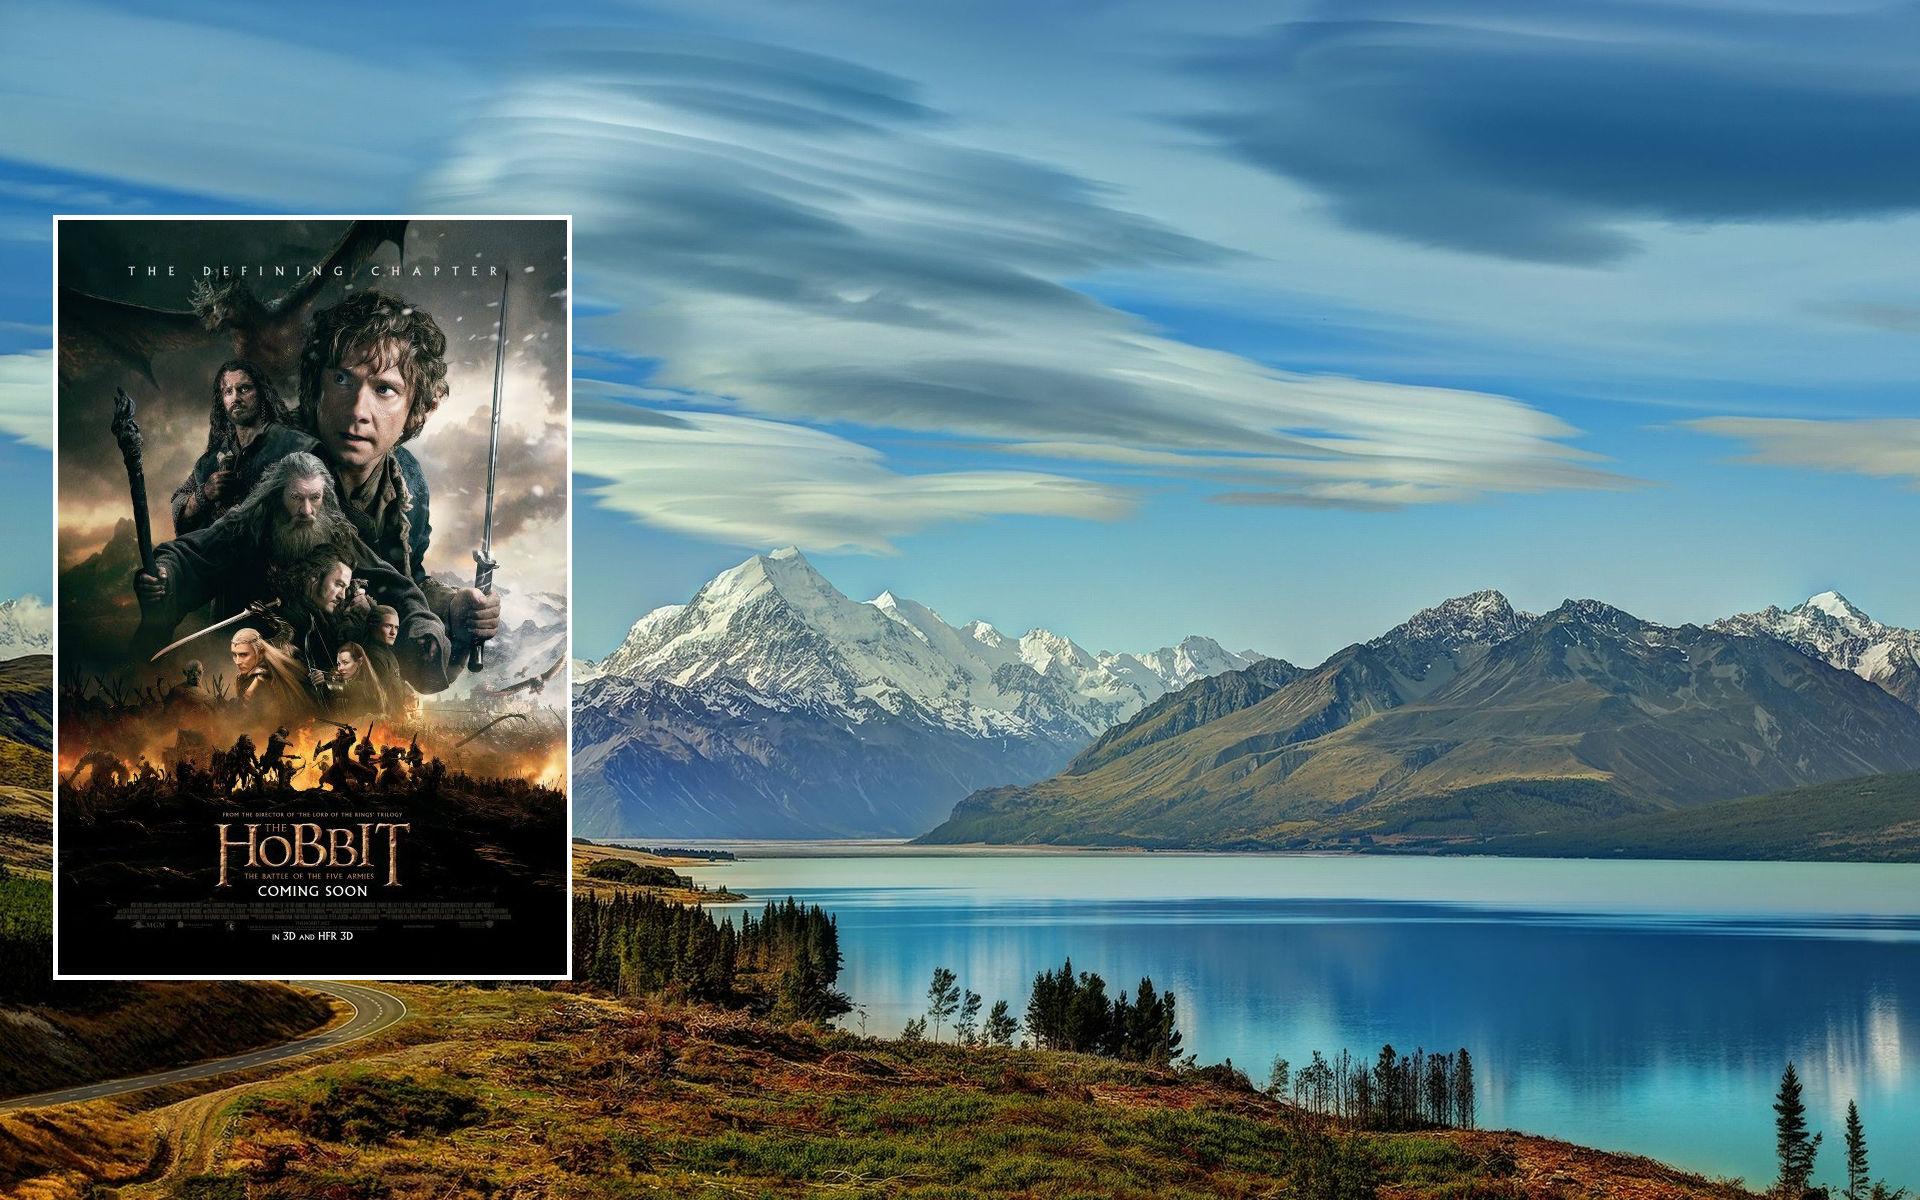 8. Hobbit